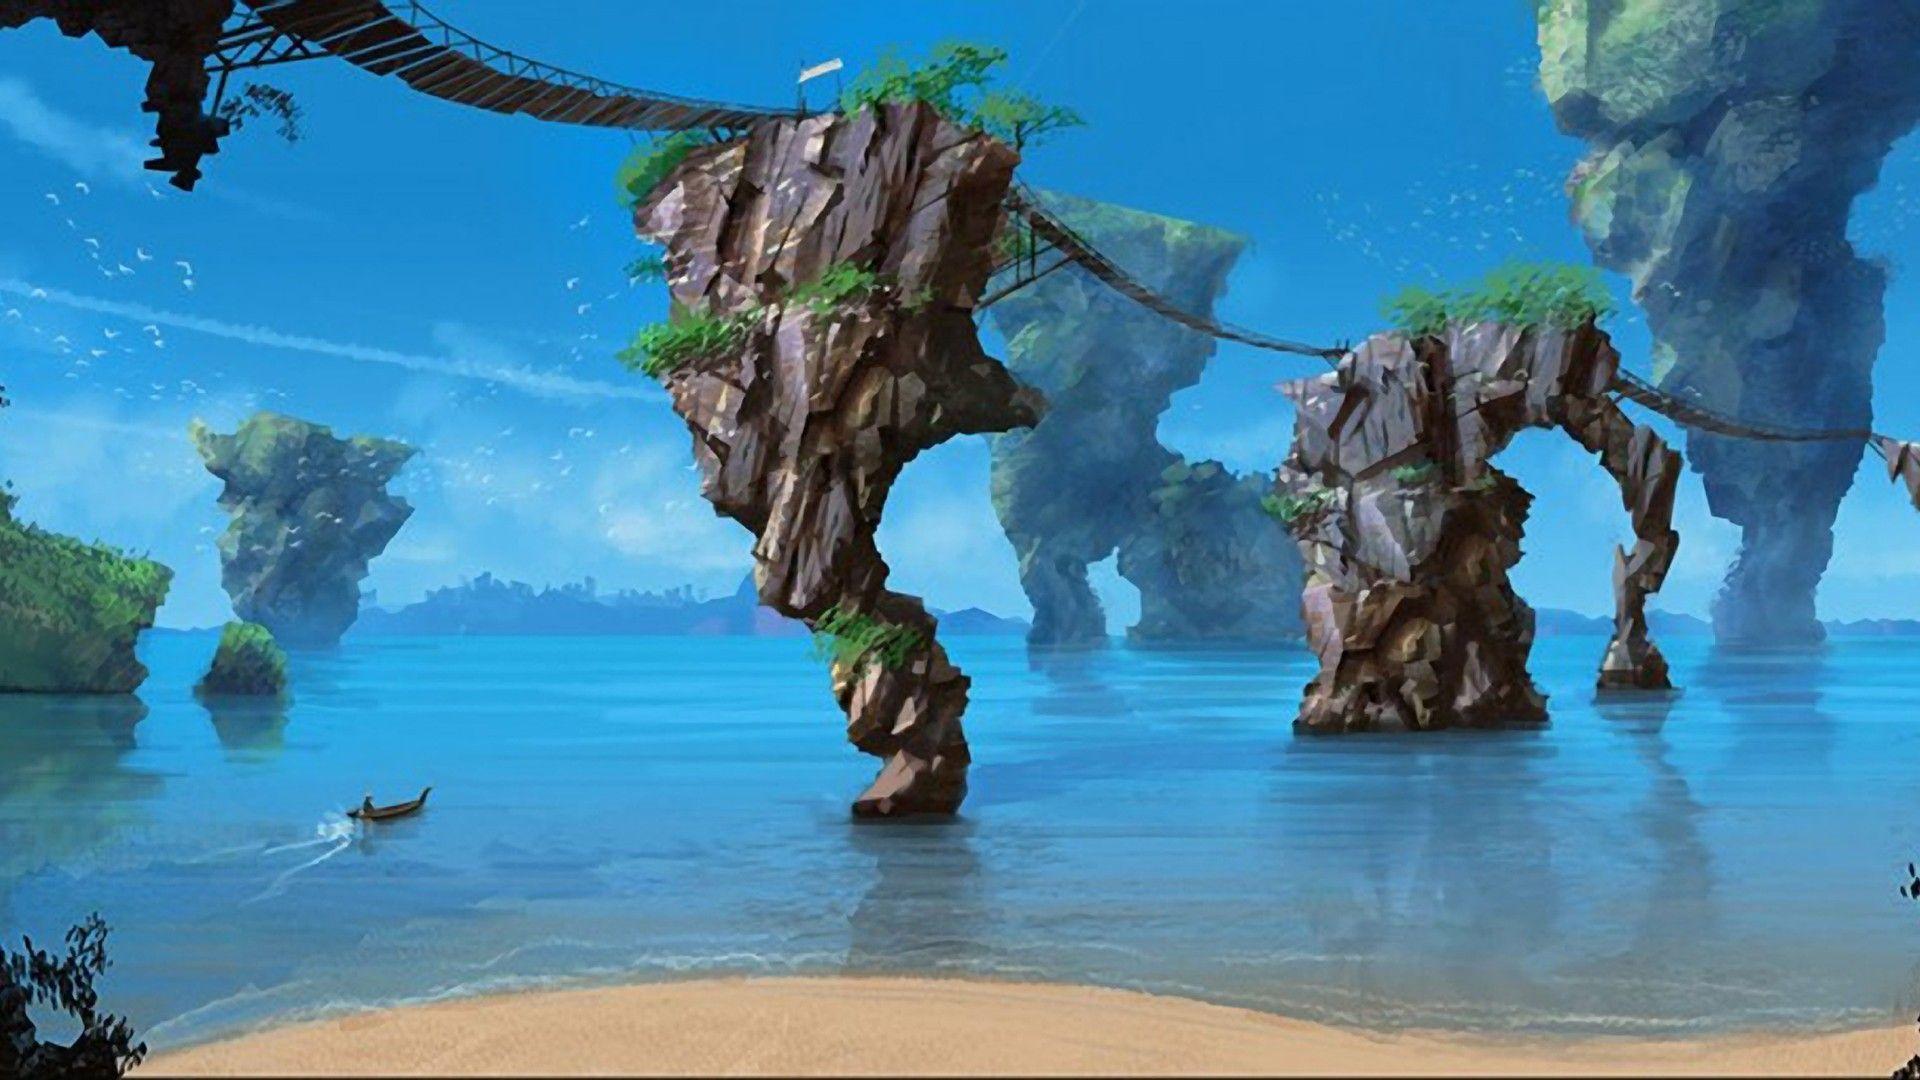 Floating Islands Tropical Islands Fantasy Landscape